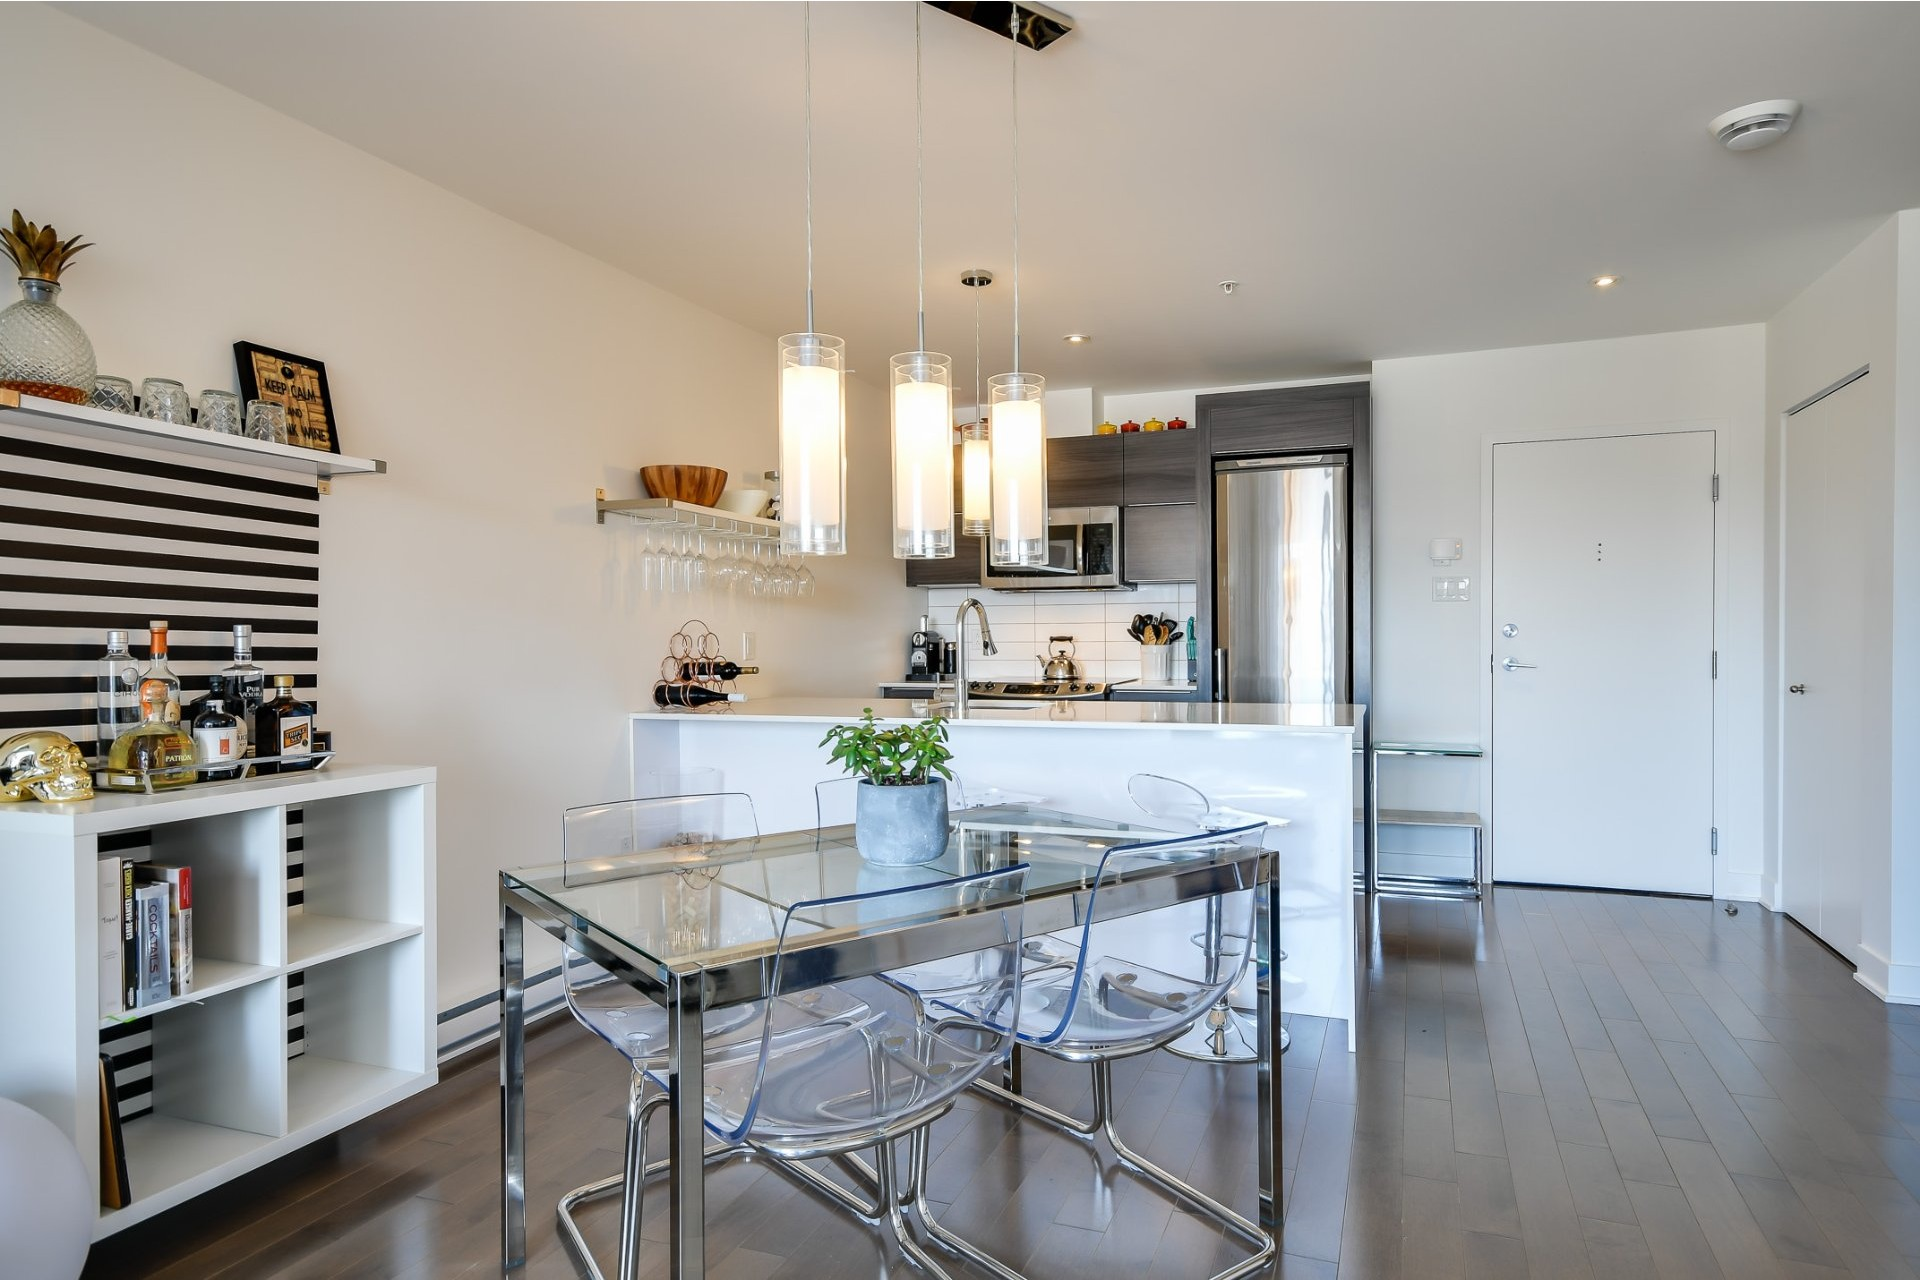 image 5 - Appartement À vendre Rosemont/La Petite-Patrie Montréal  - 4 pièces